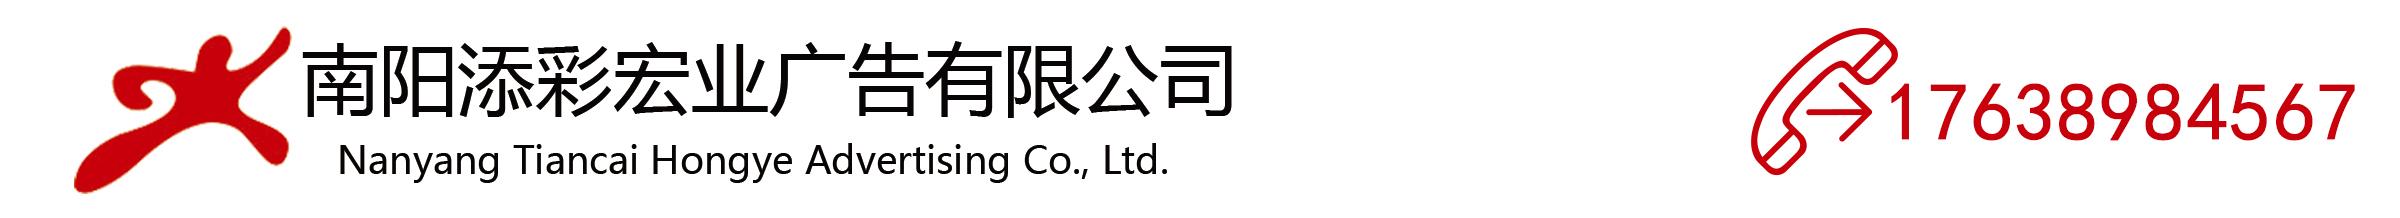 南阳添彩宏业广告